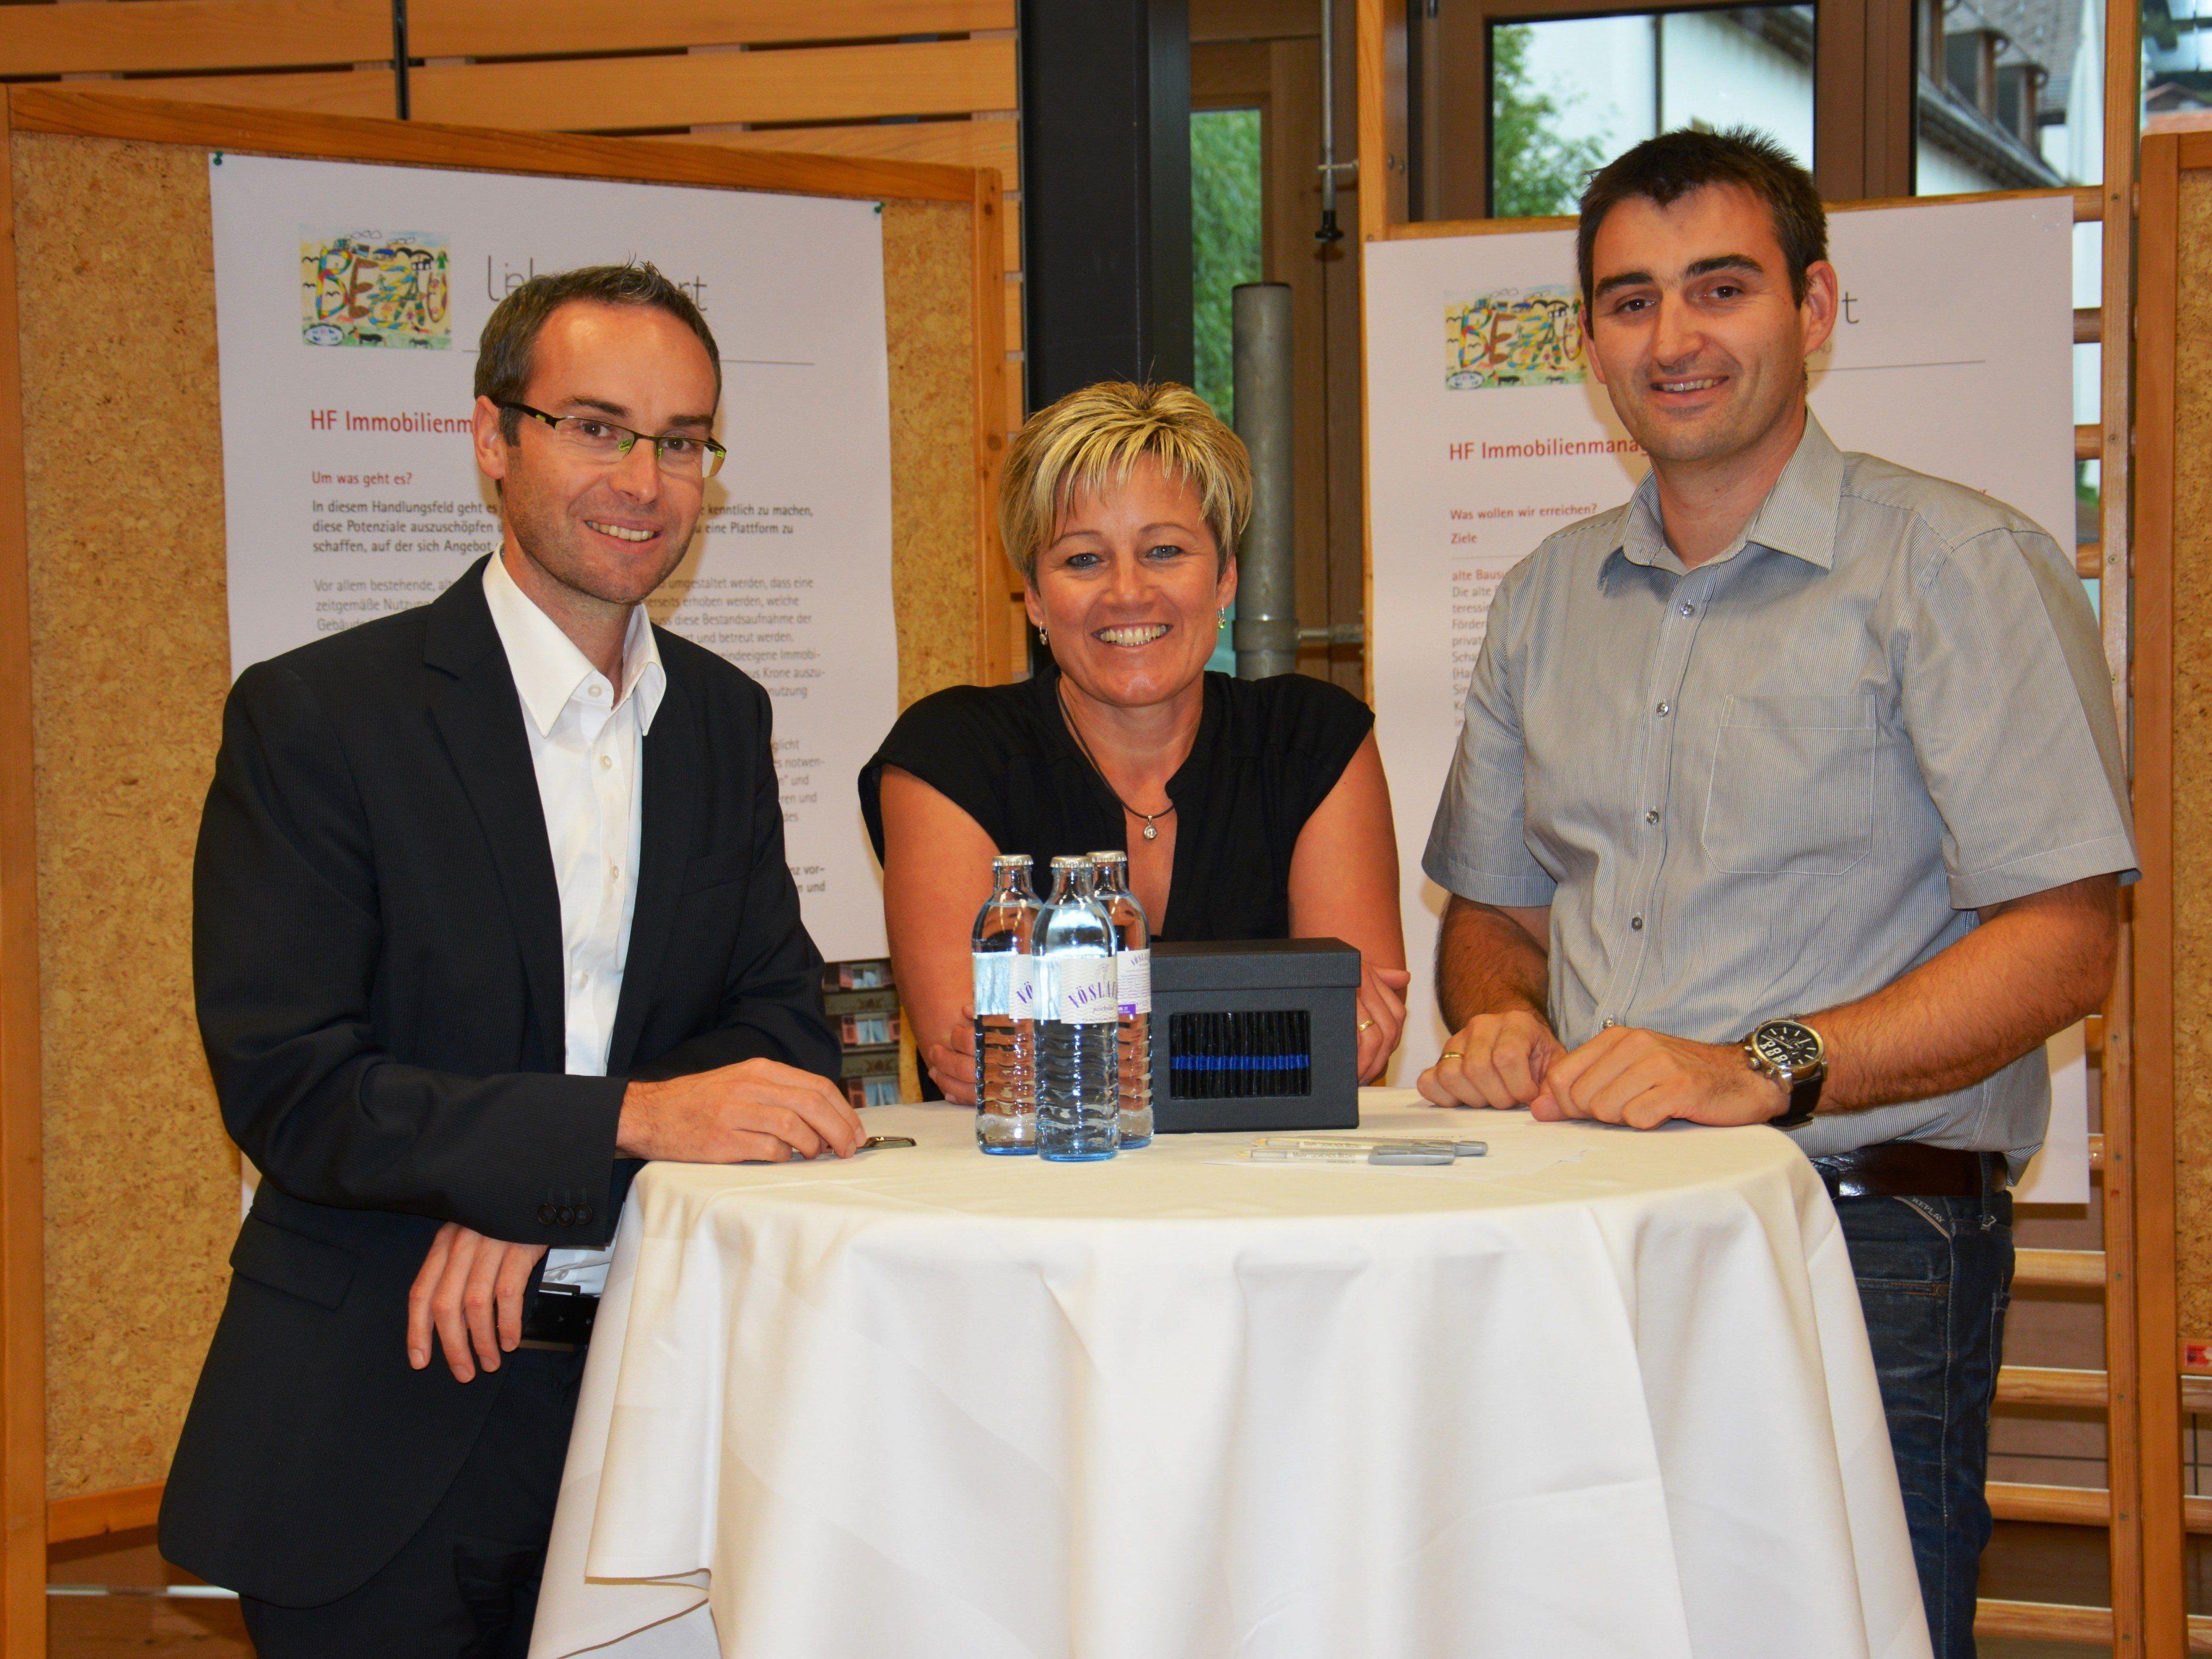 Marktgemeinde Bezau präsentierte erste Ergebnisse und sammelte weitere Ideen und Anregungen.